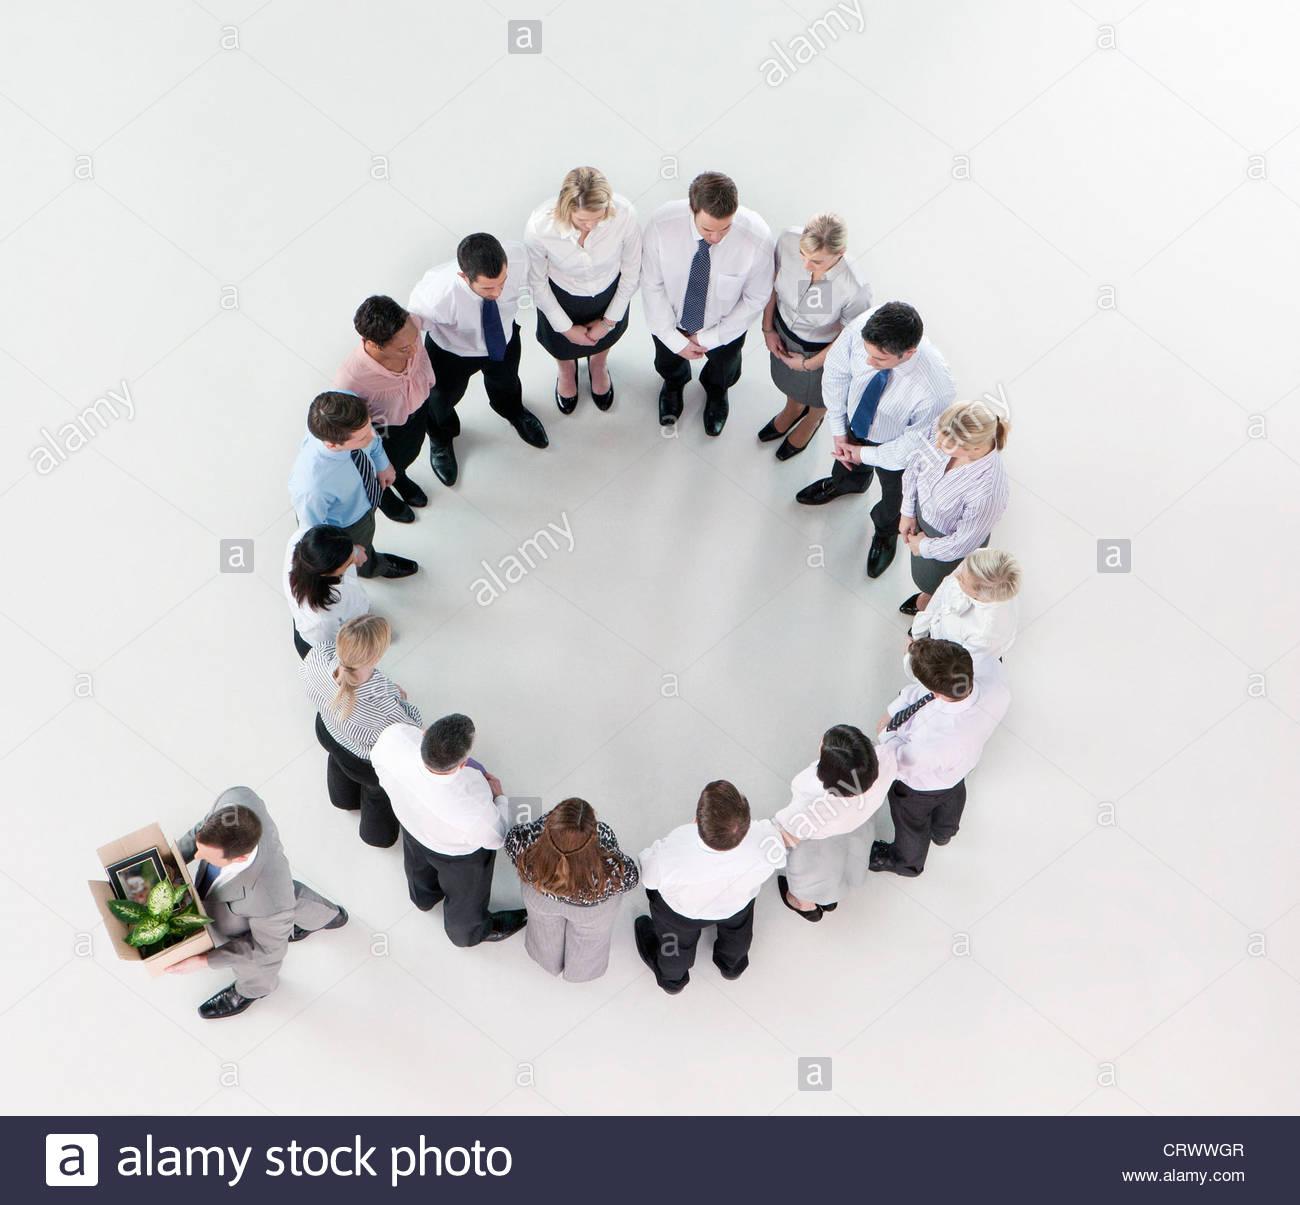 Geschäftsmann mit Box von hab und gut zu Fuß entfernt von Geschäftsleuten Kreis bilden Stockbild